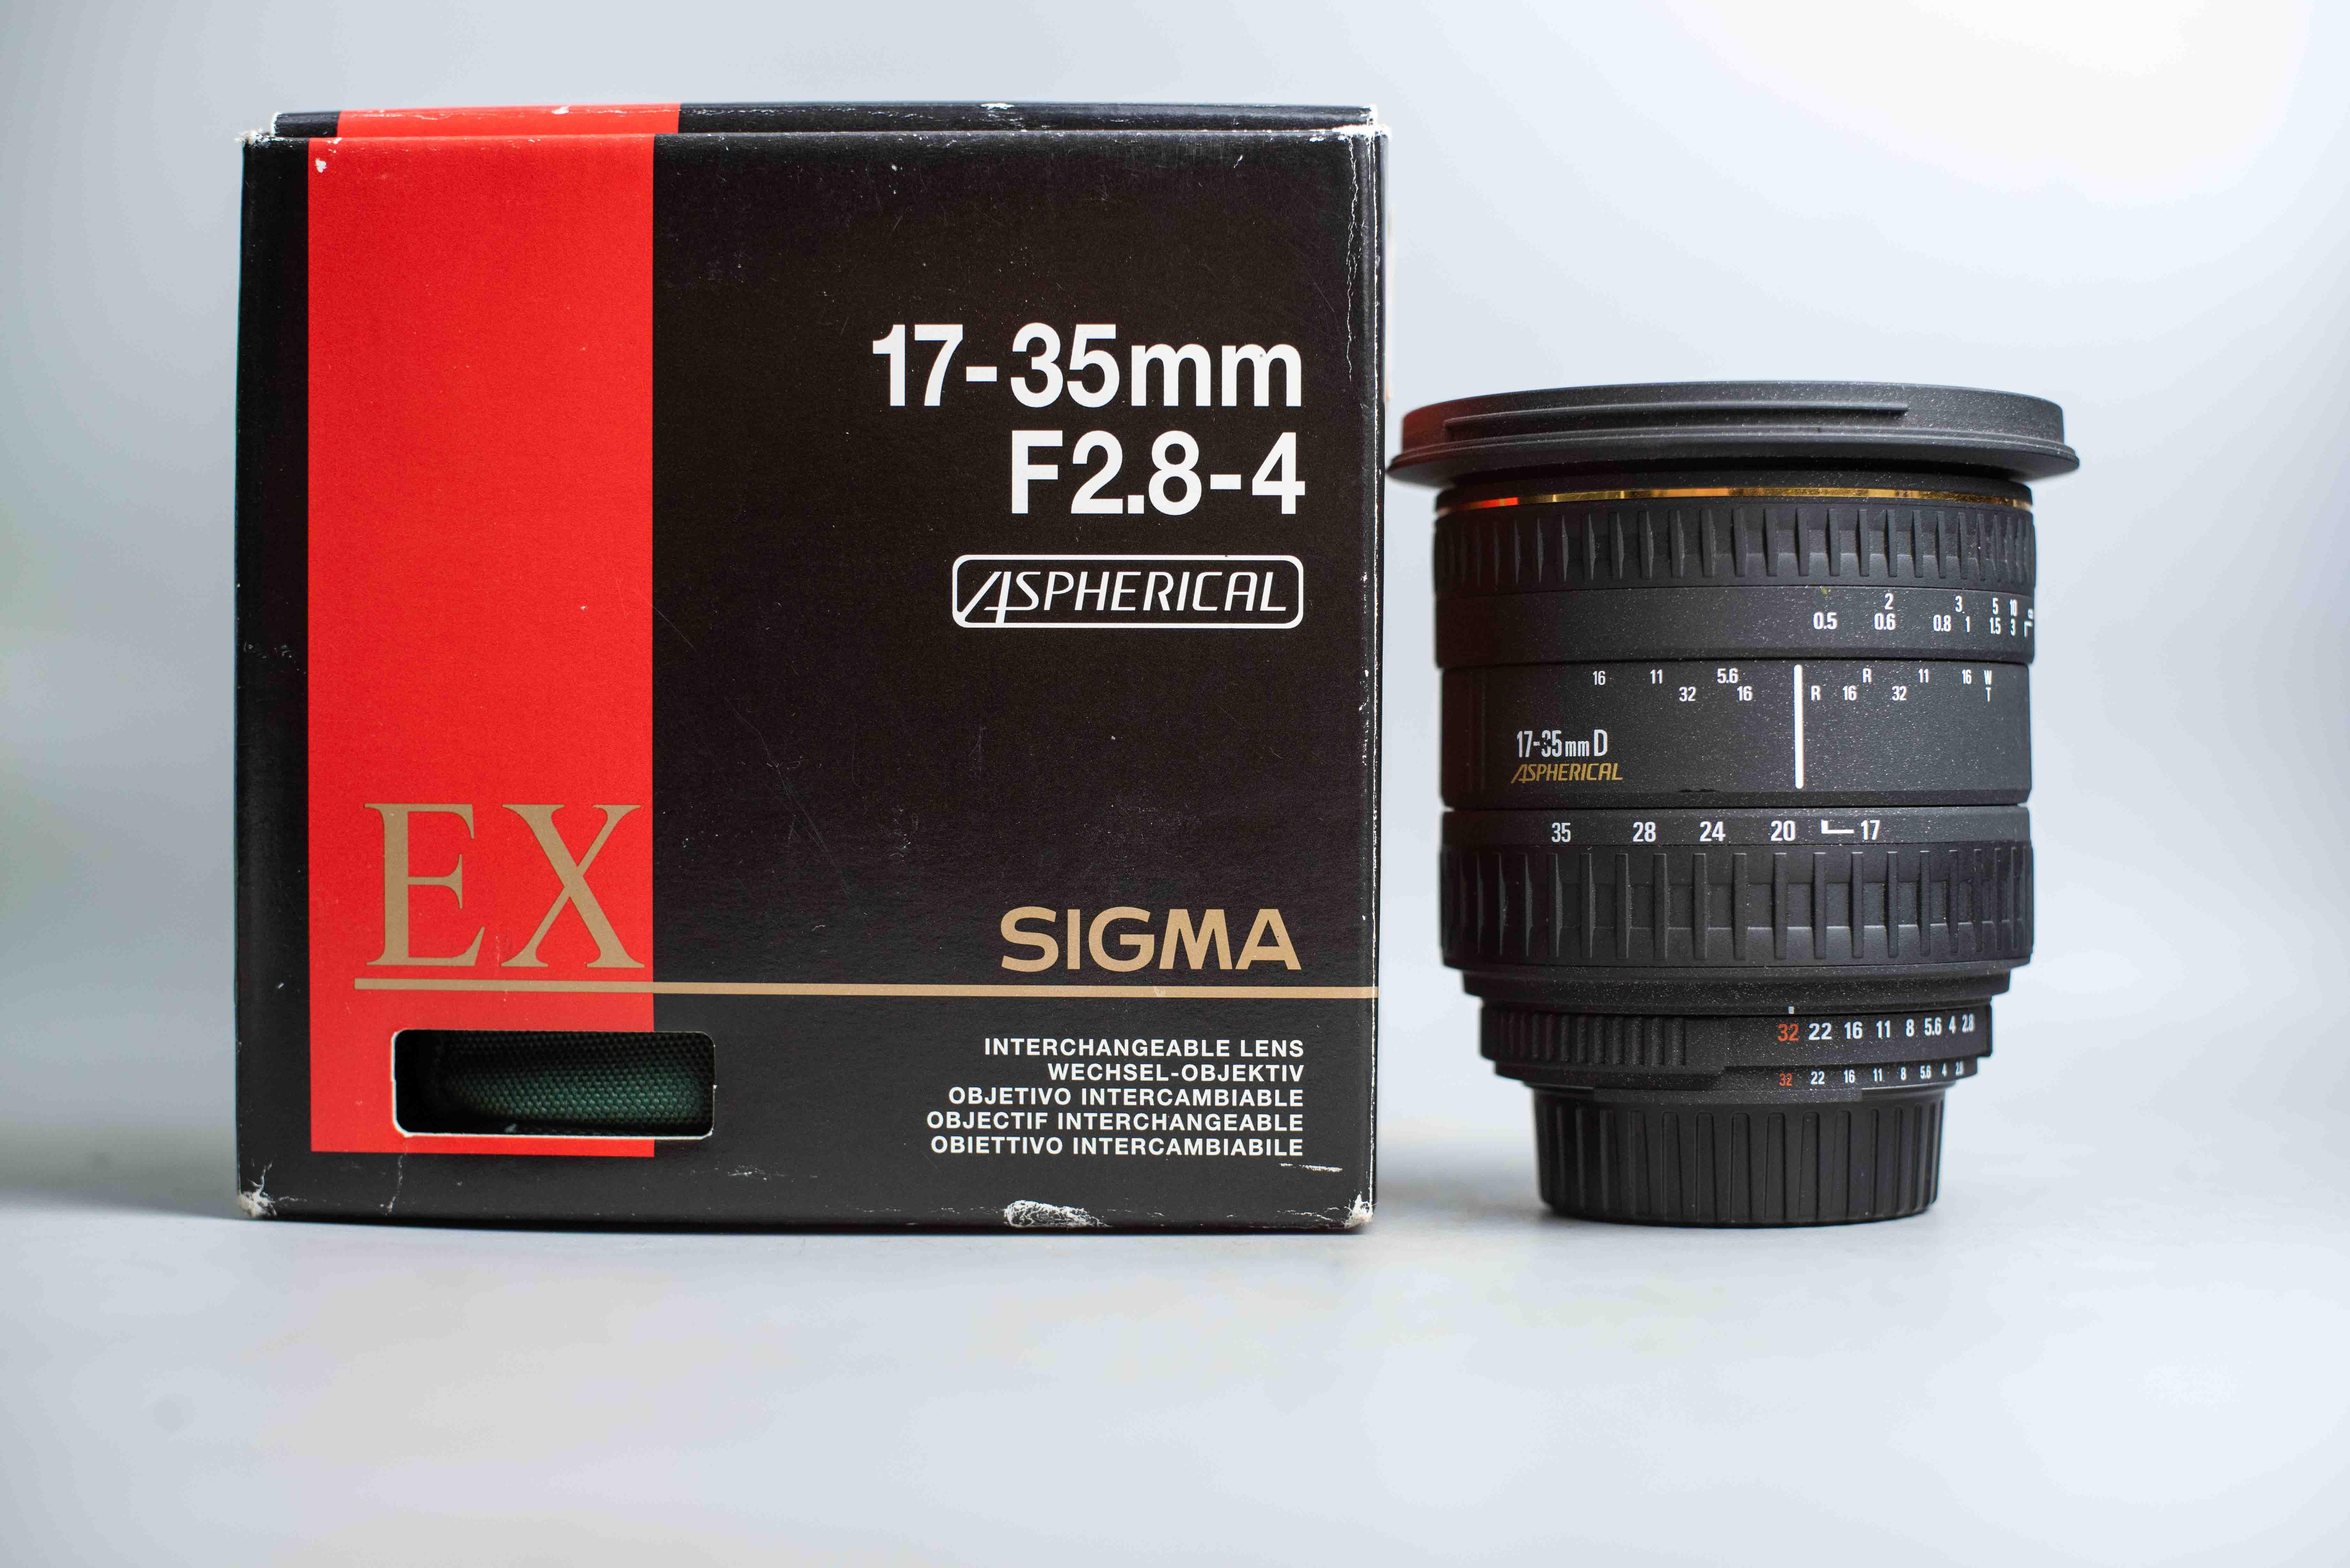 sigma-17-35mm-f2-8-4-af-nikon-17-35-2-8-4-fullbox-18622